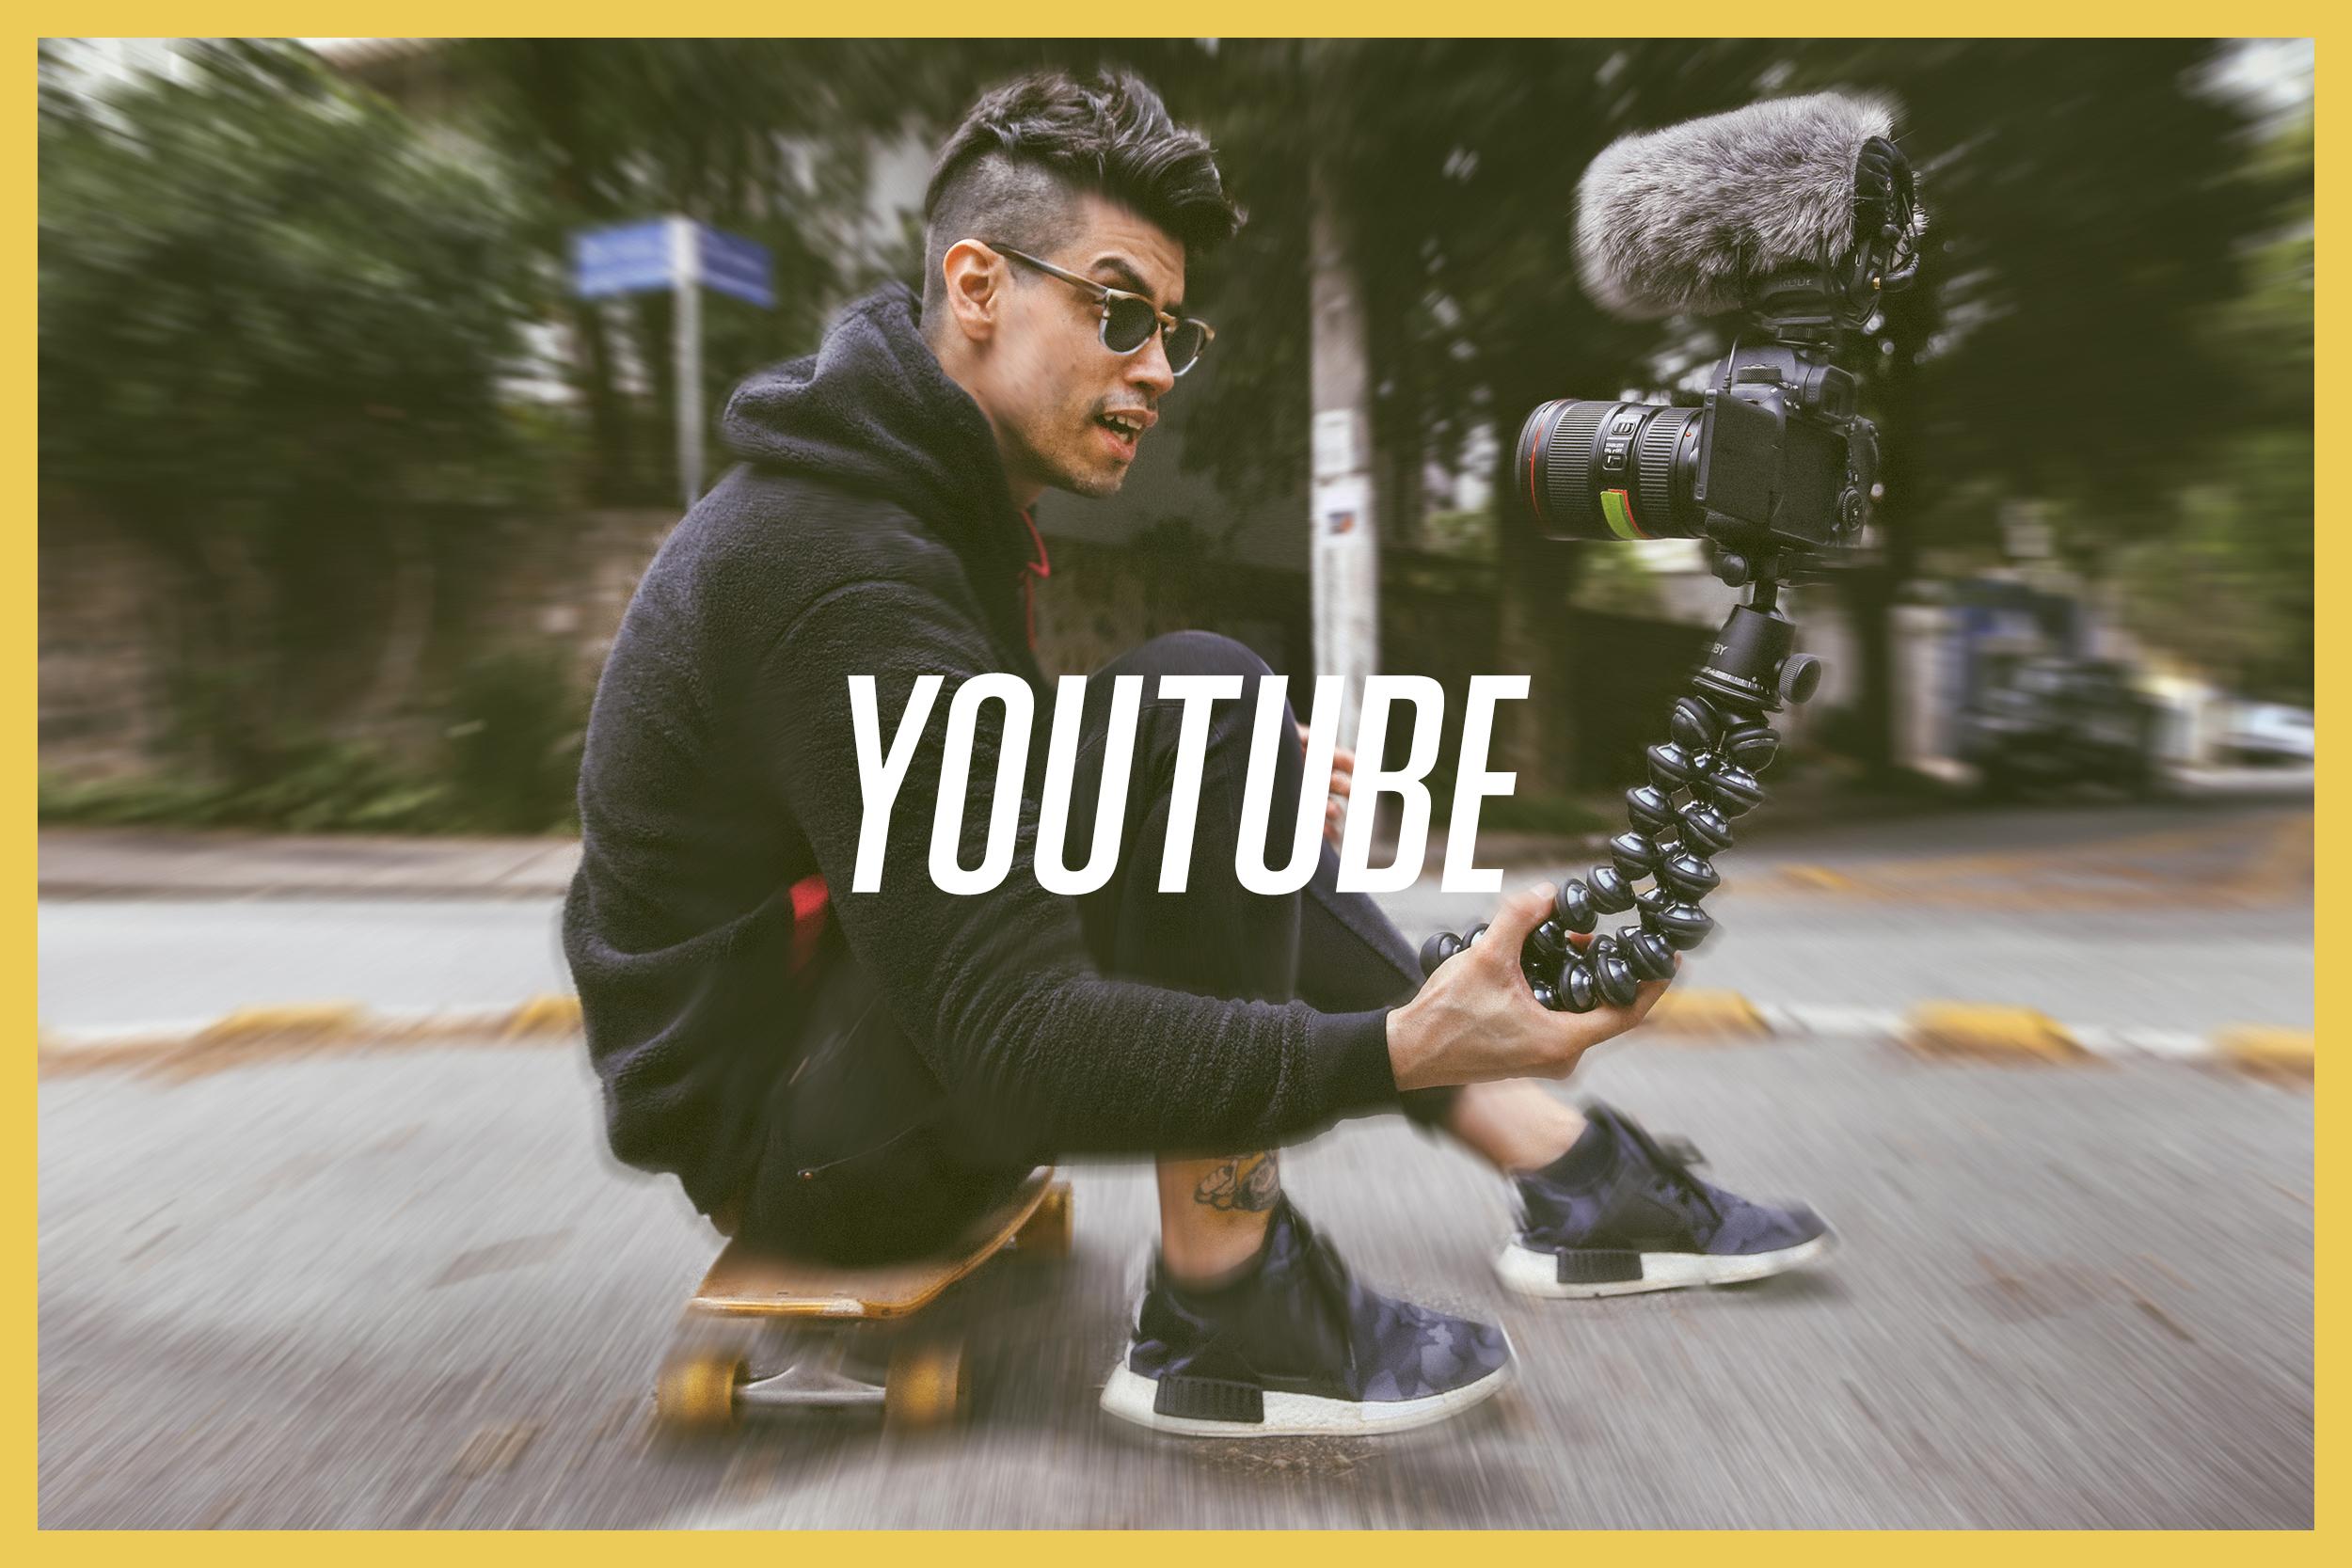 BrunoCandiotto-Youtube.jpg